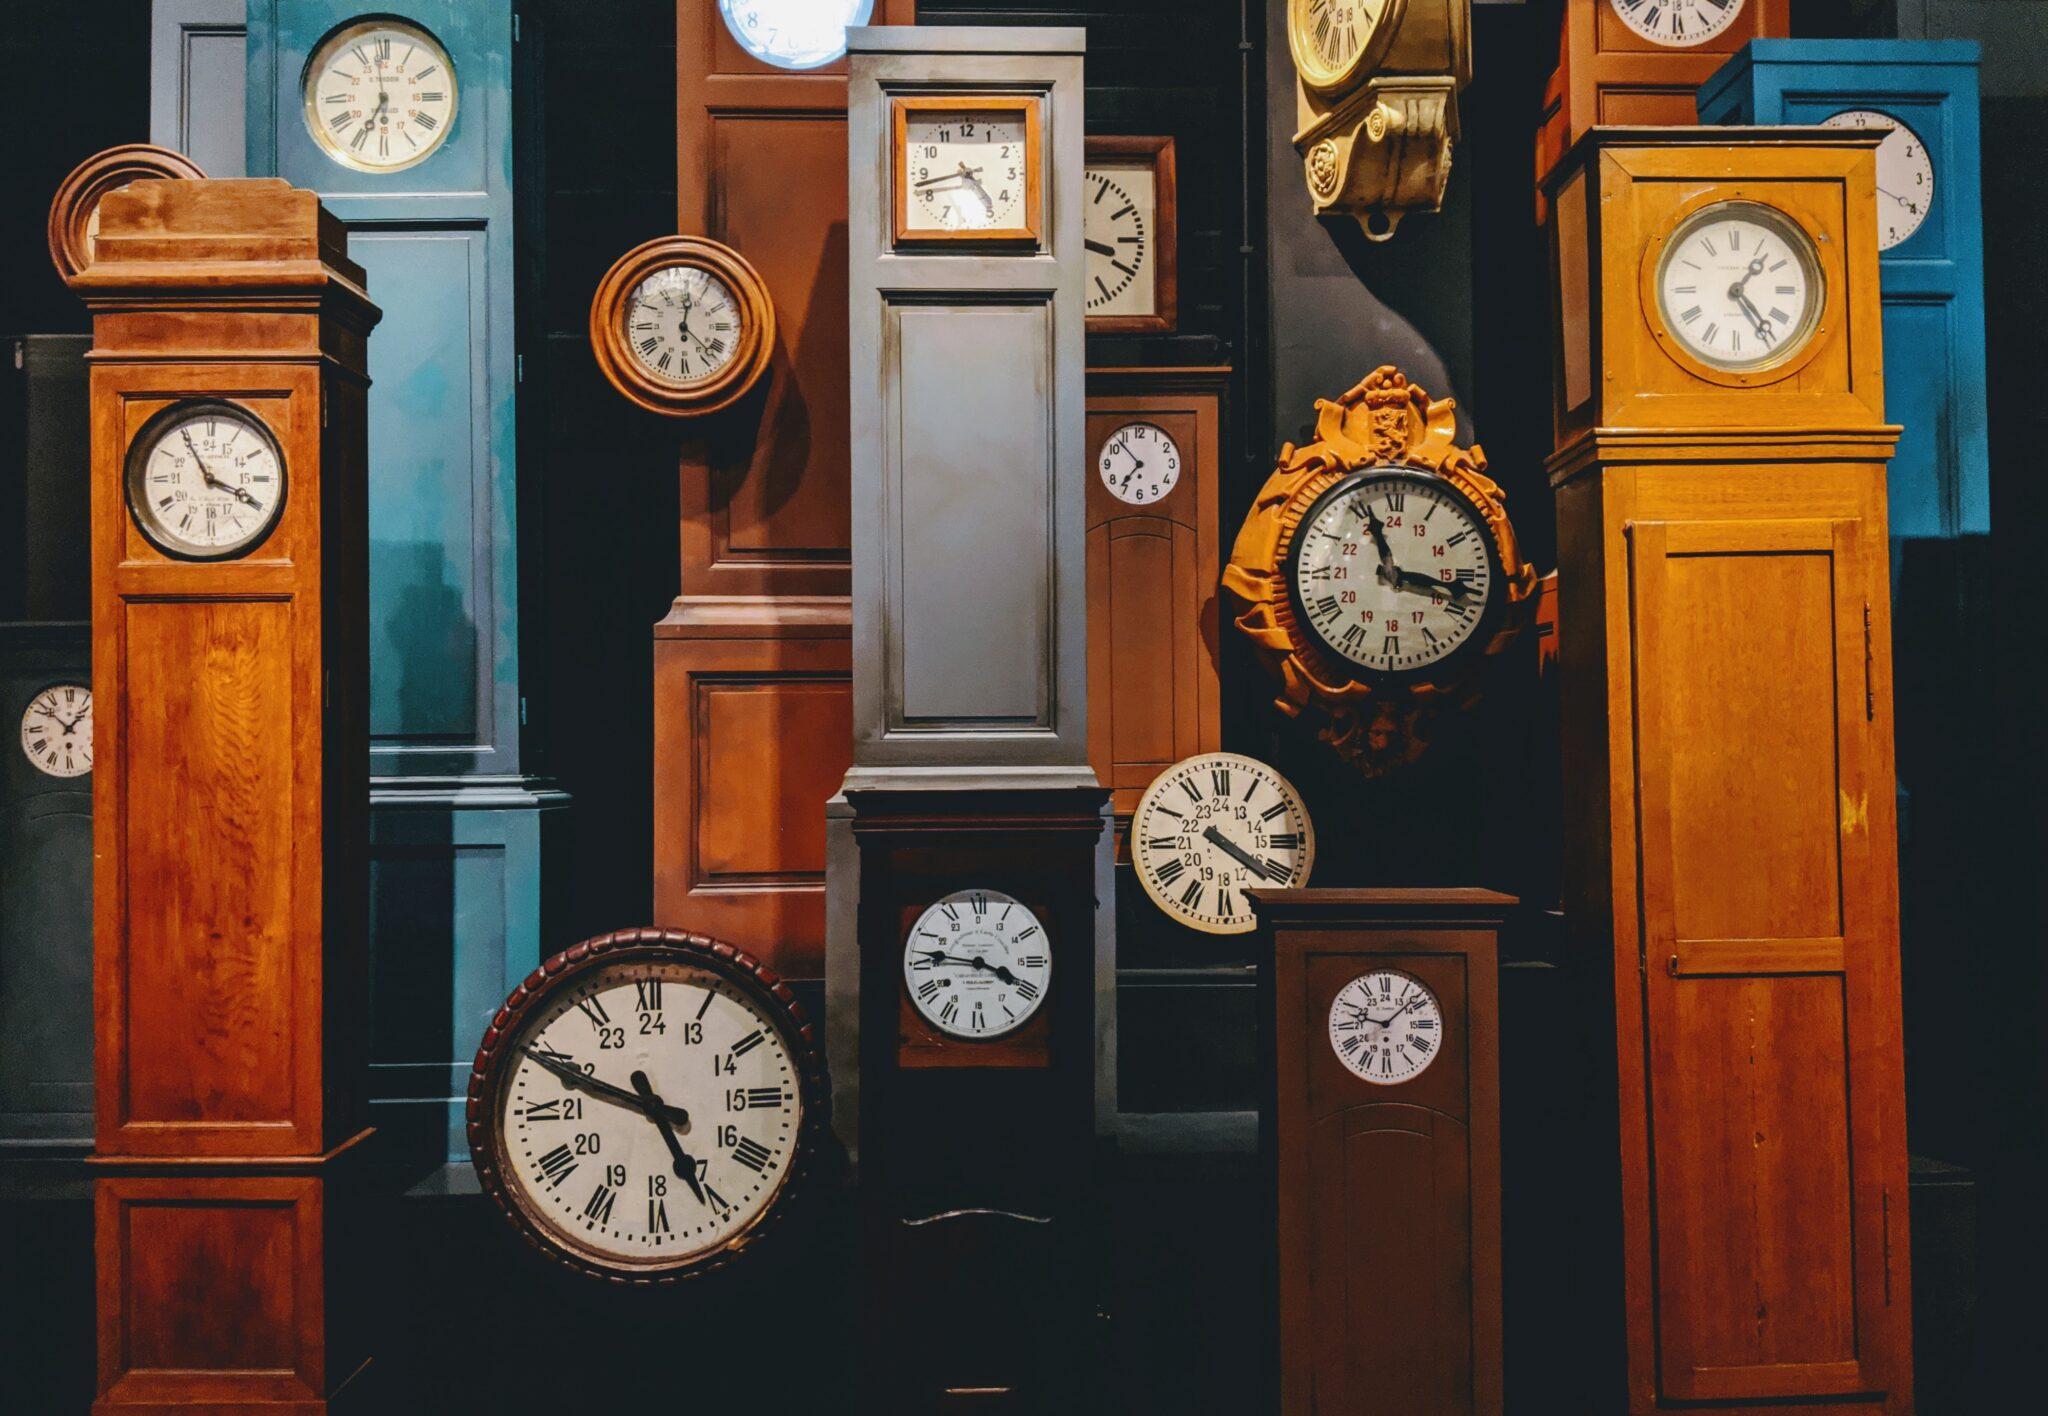 Verschiedene Standuhren und Ziffernblätter mit unterschiedlichen Uhrzeiten